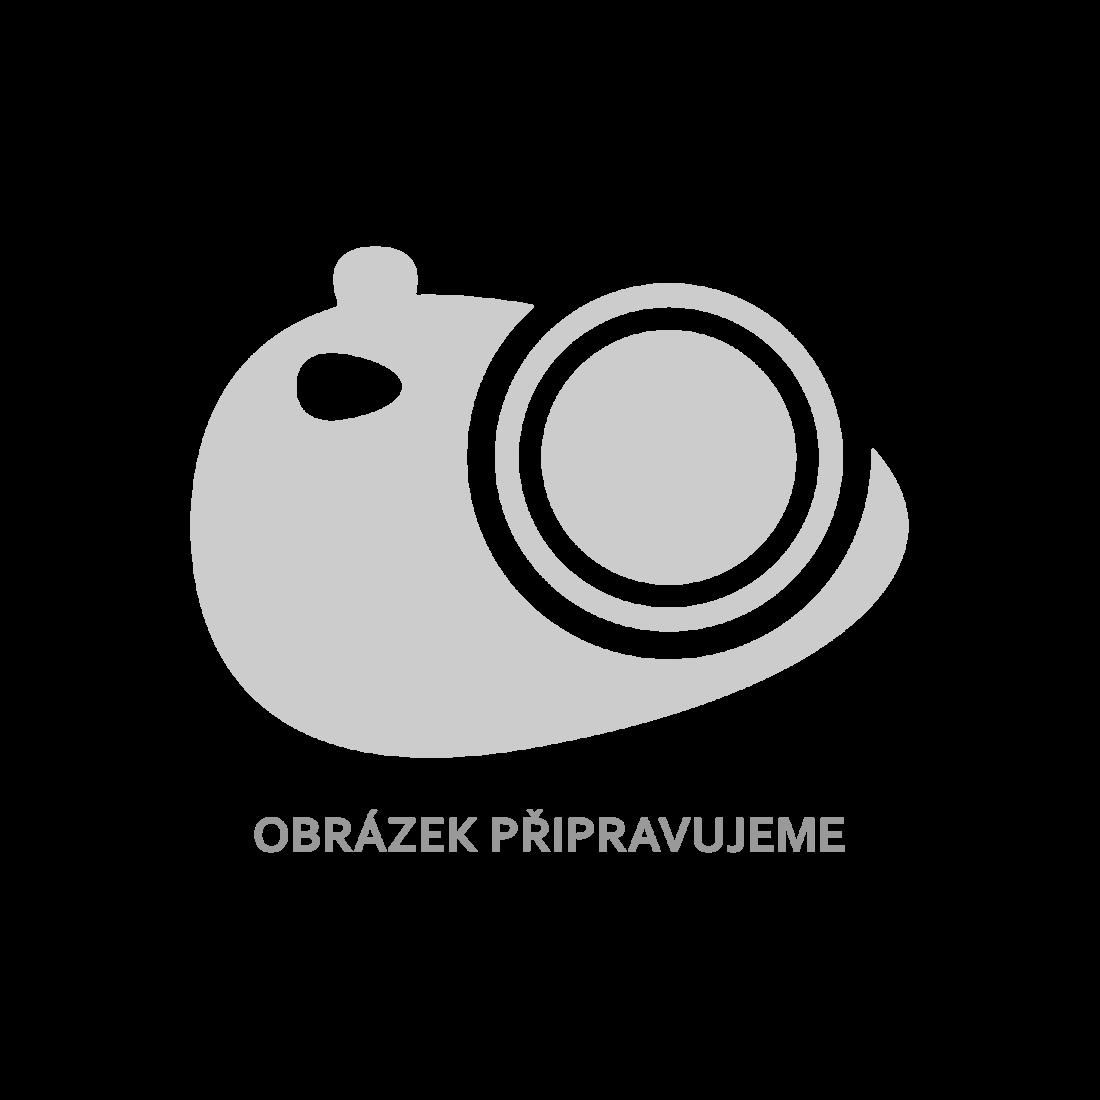 vidaXL Jídelní stůl černý 120 x 60 x 75 cm kov [287243]